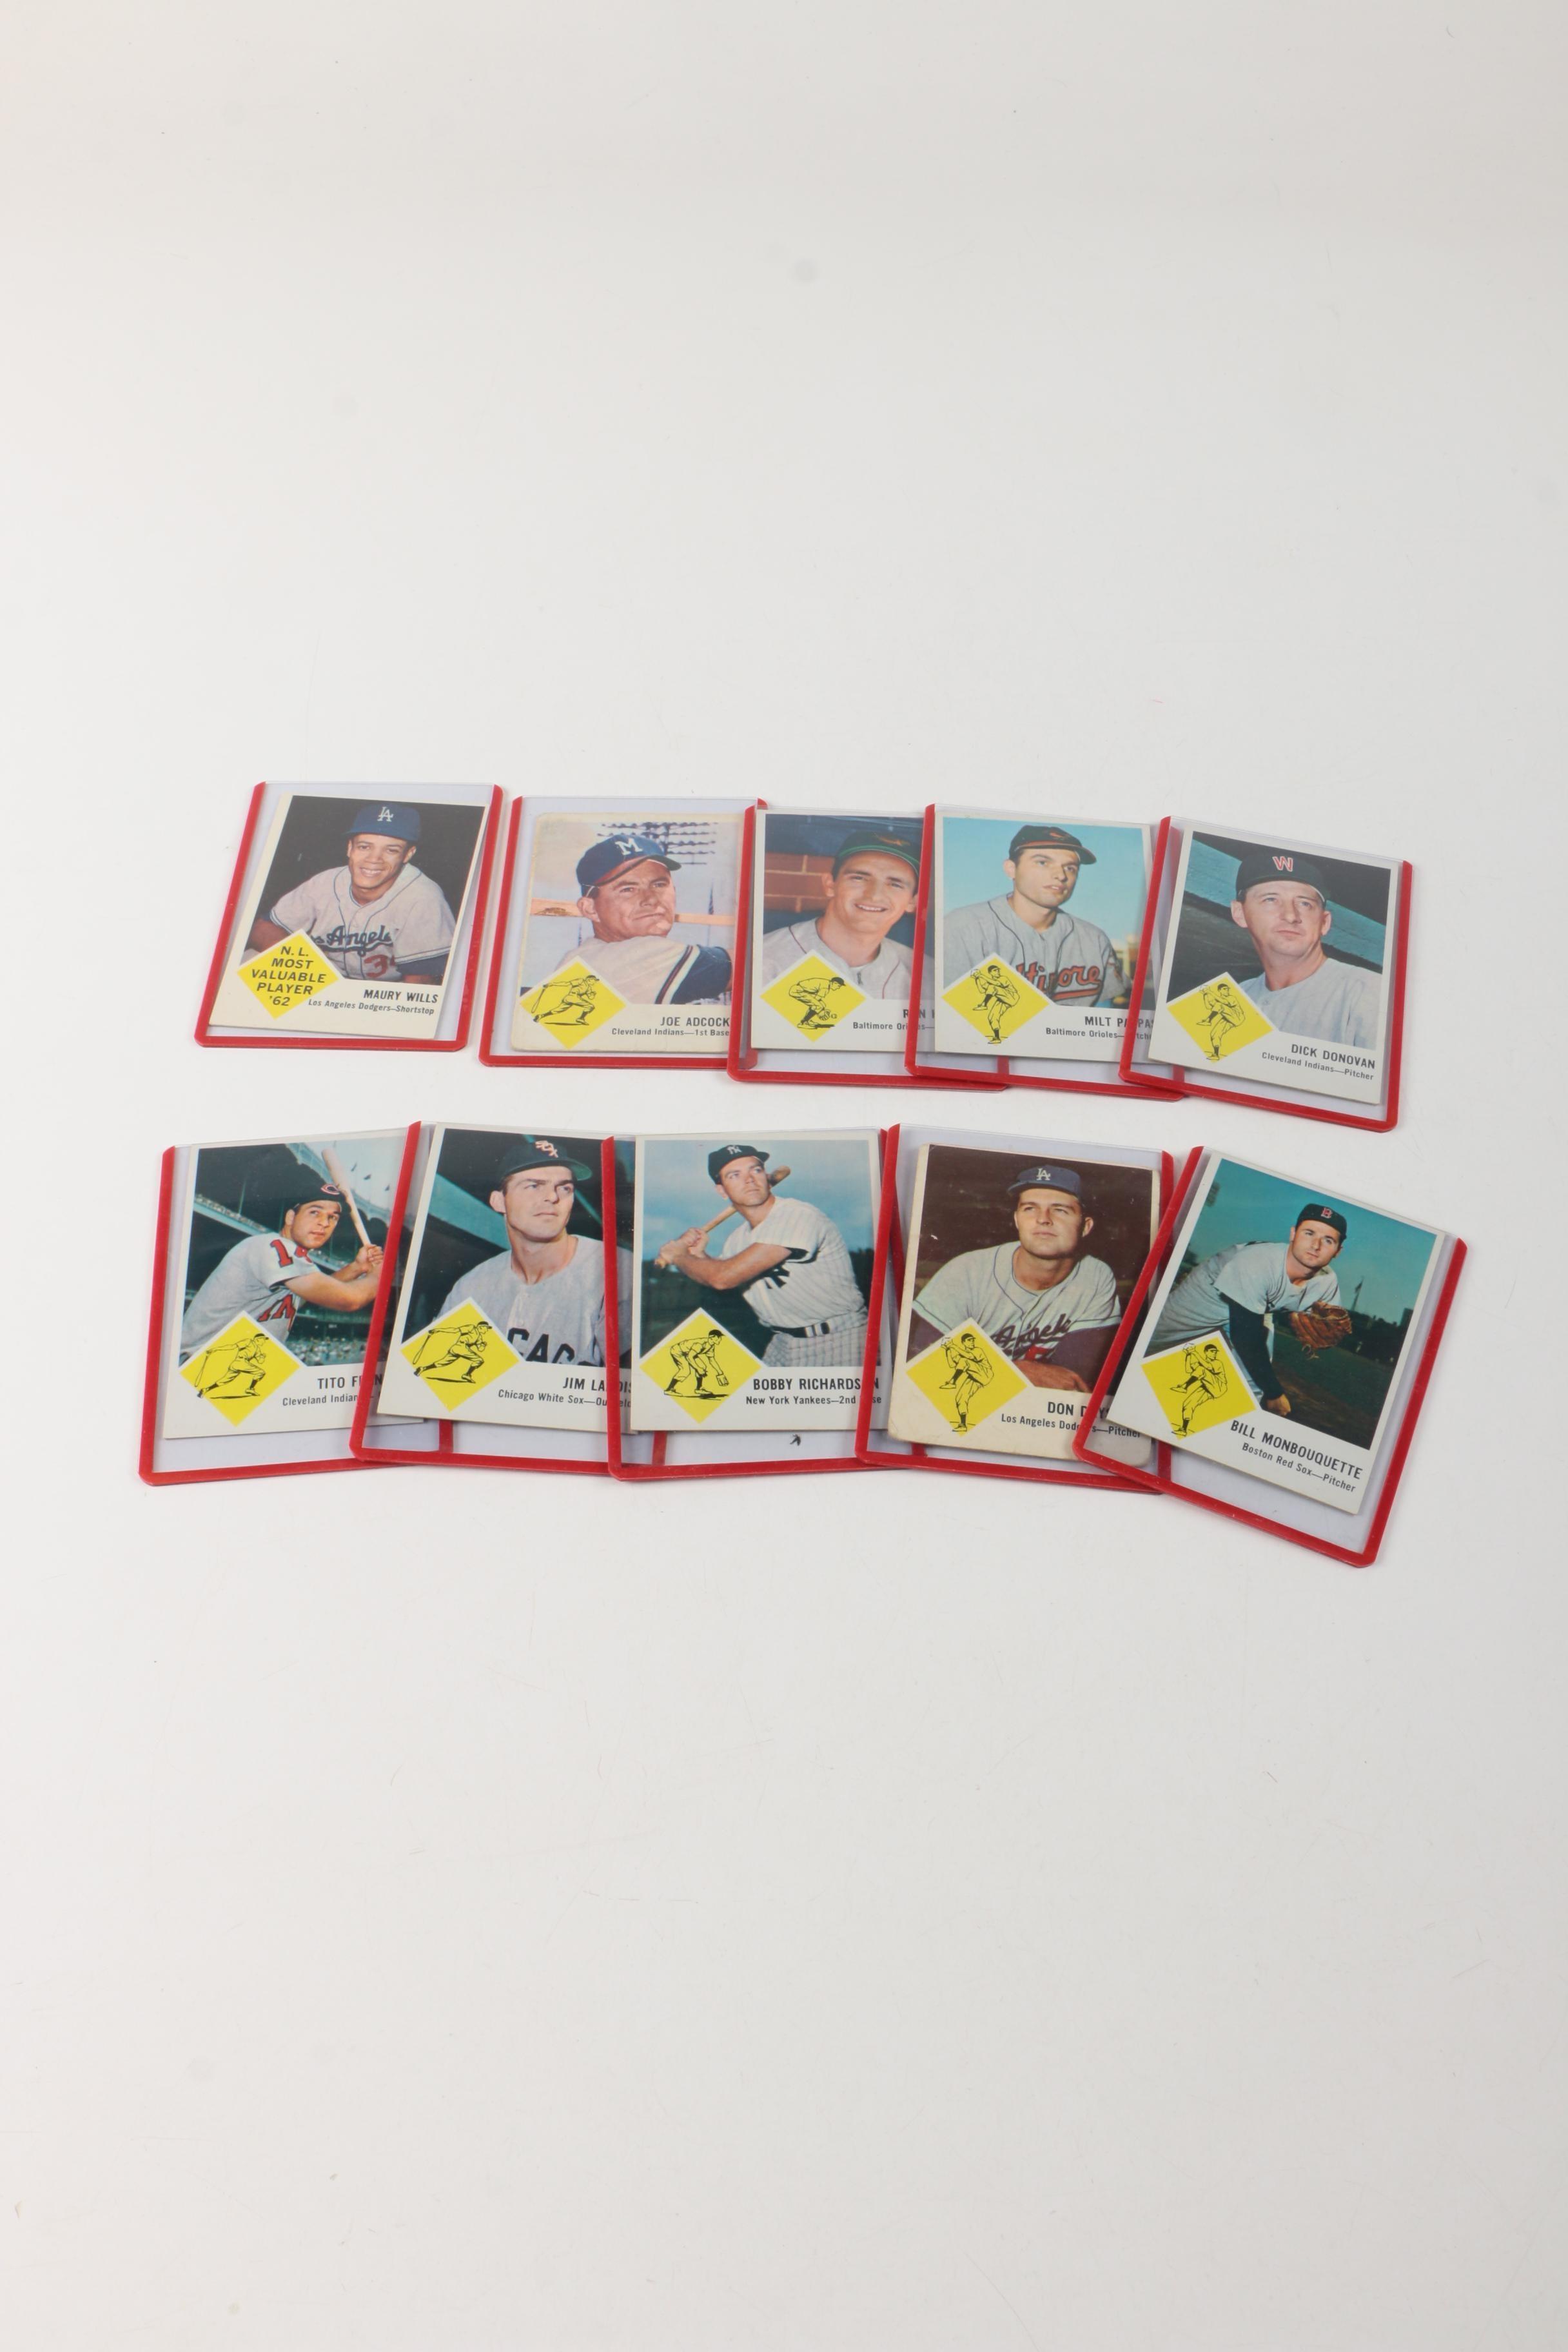 Fleer Baseball Cards From 1963